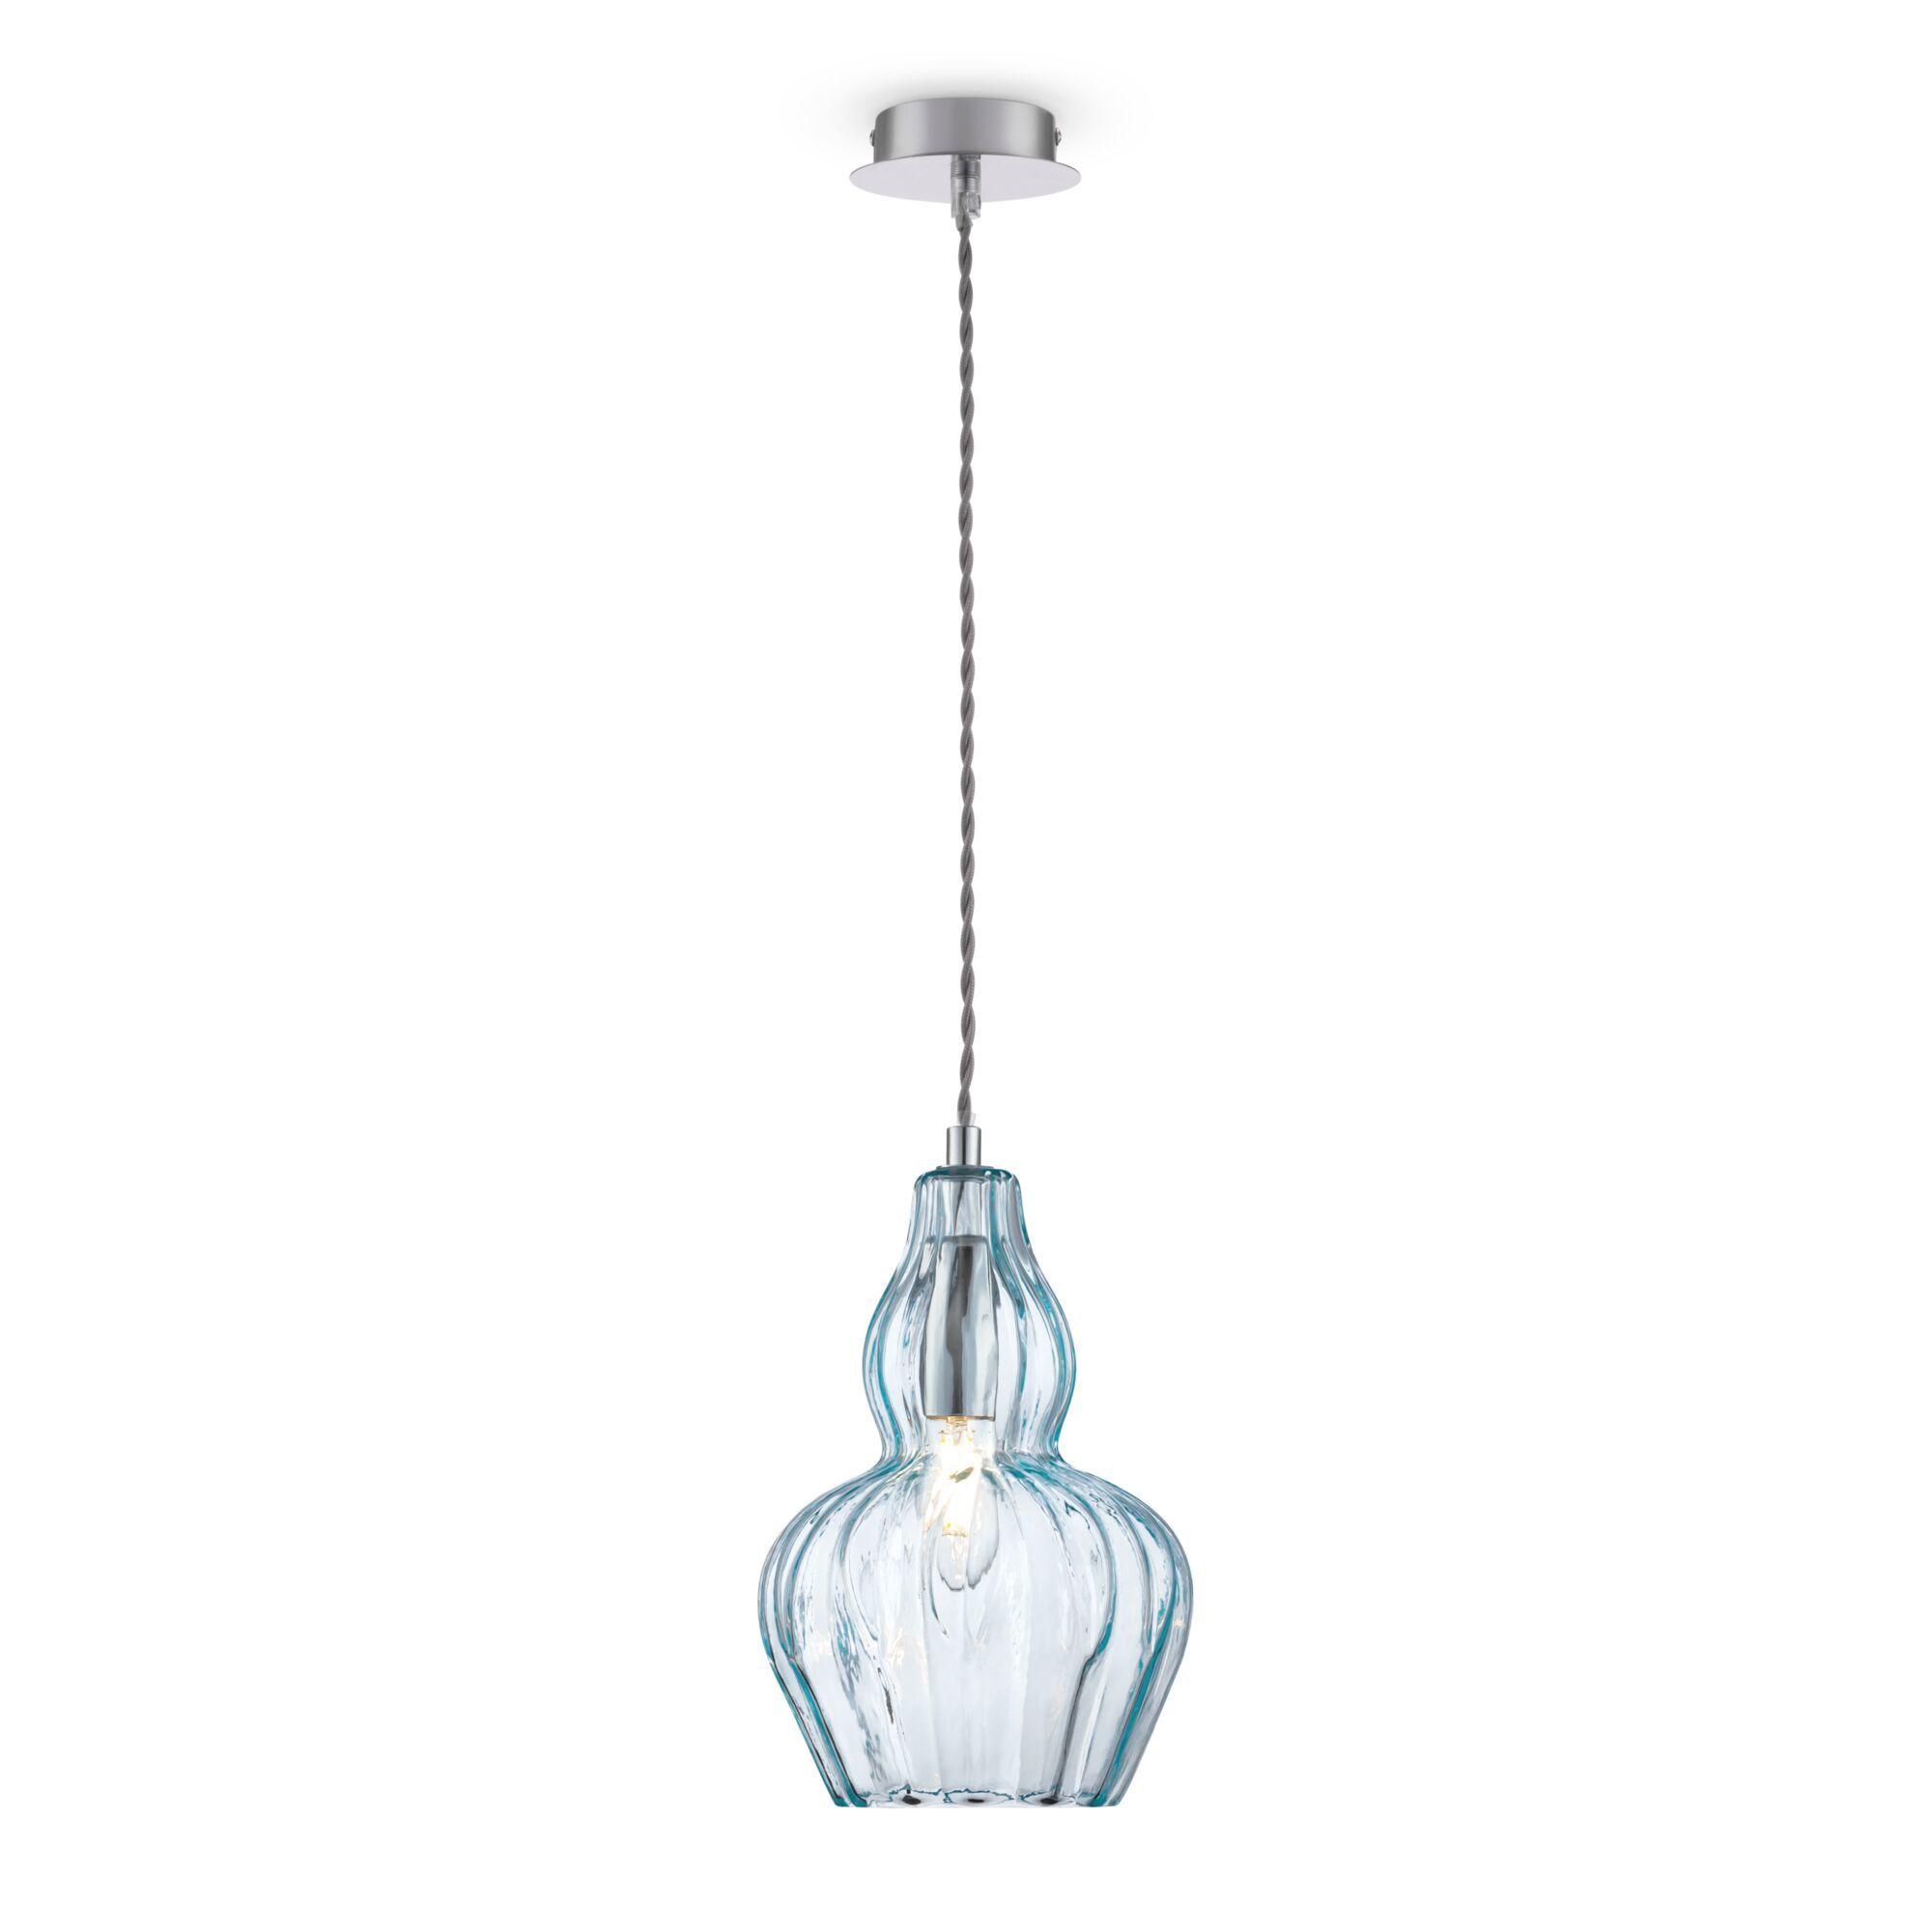 Подвесной светильник Maytoni Eustoma MOD238-PL-01-BL, 1xE14x40W, никель, голубой, металл, стекло - фото 1